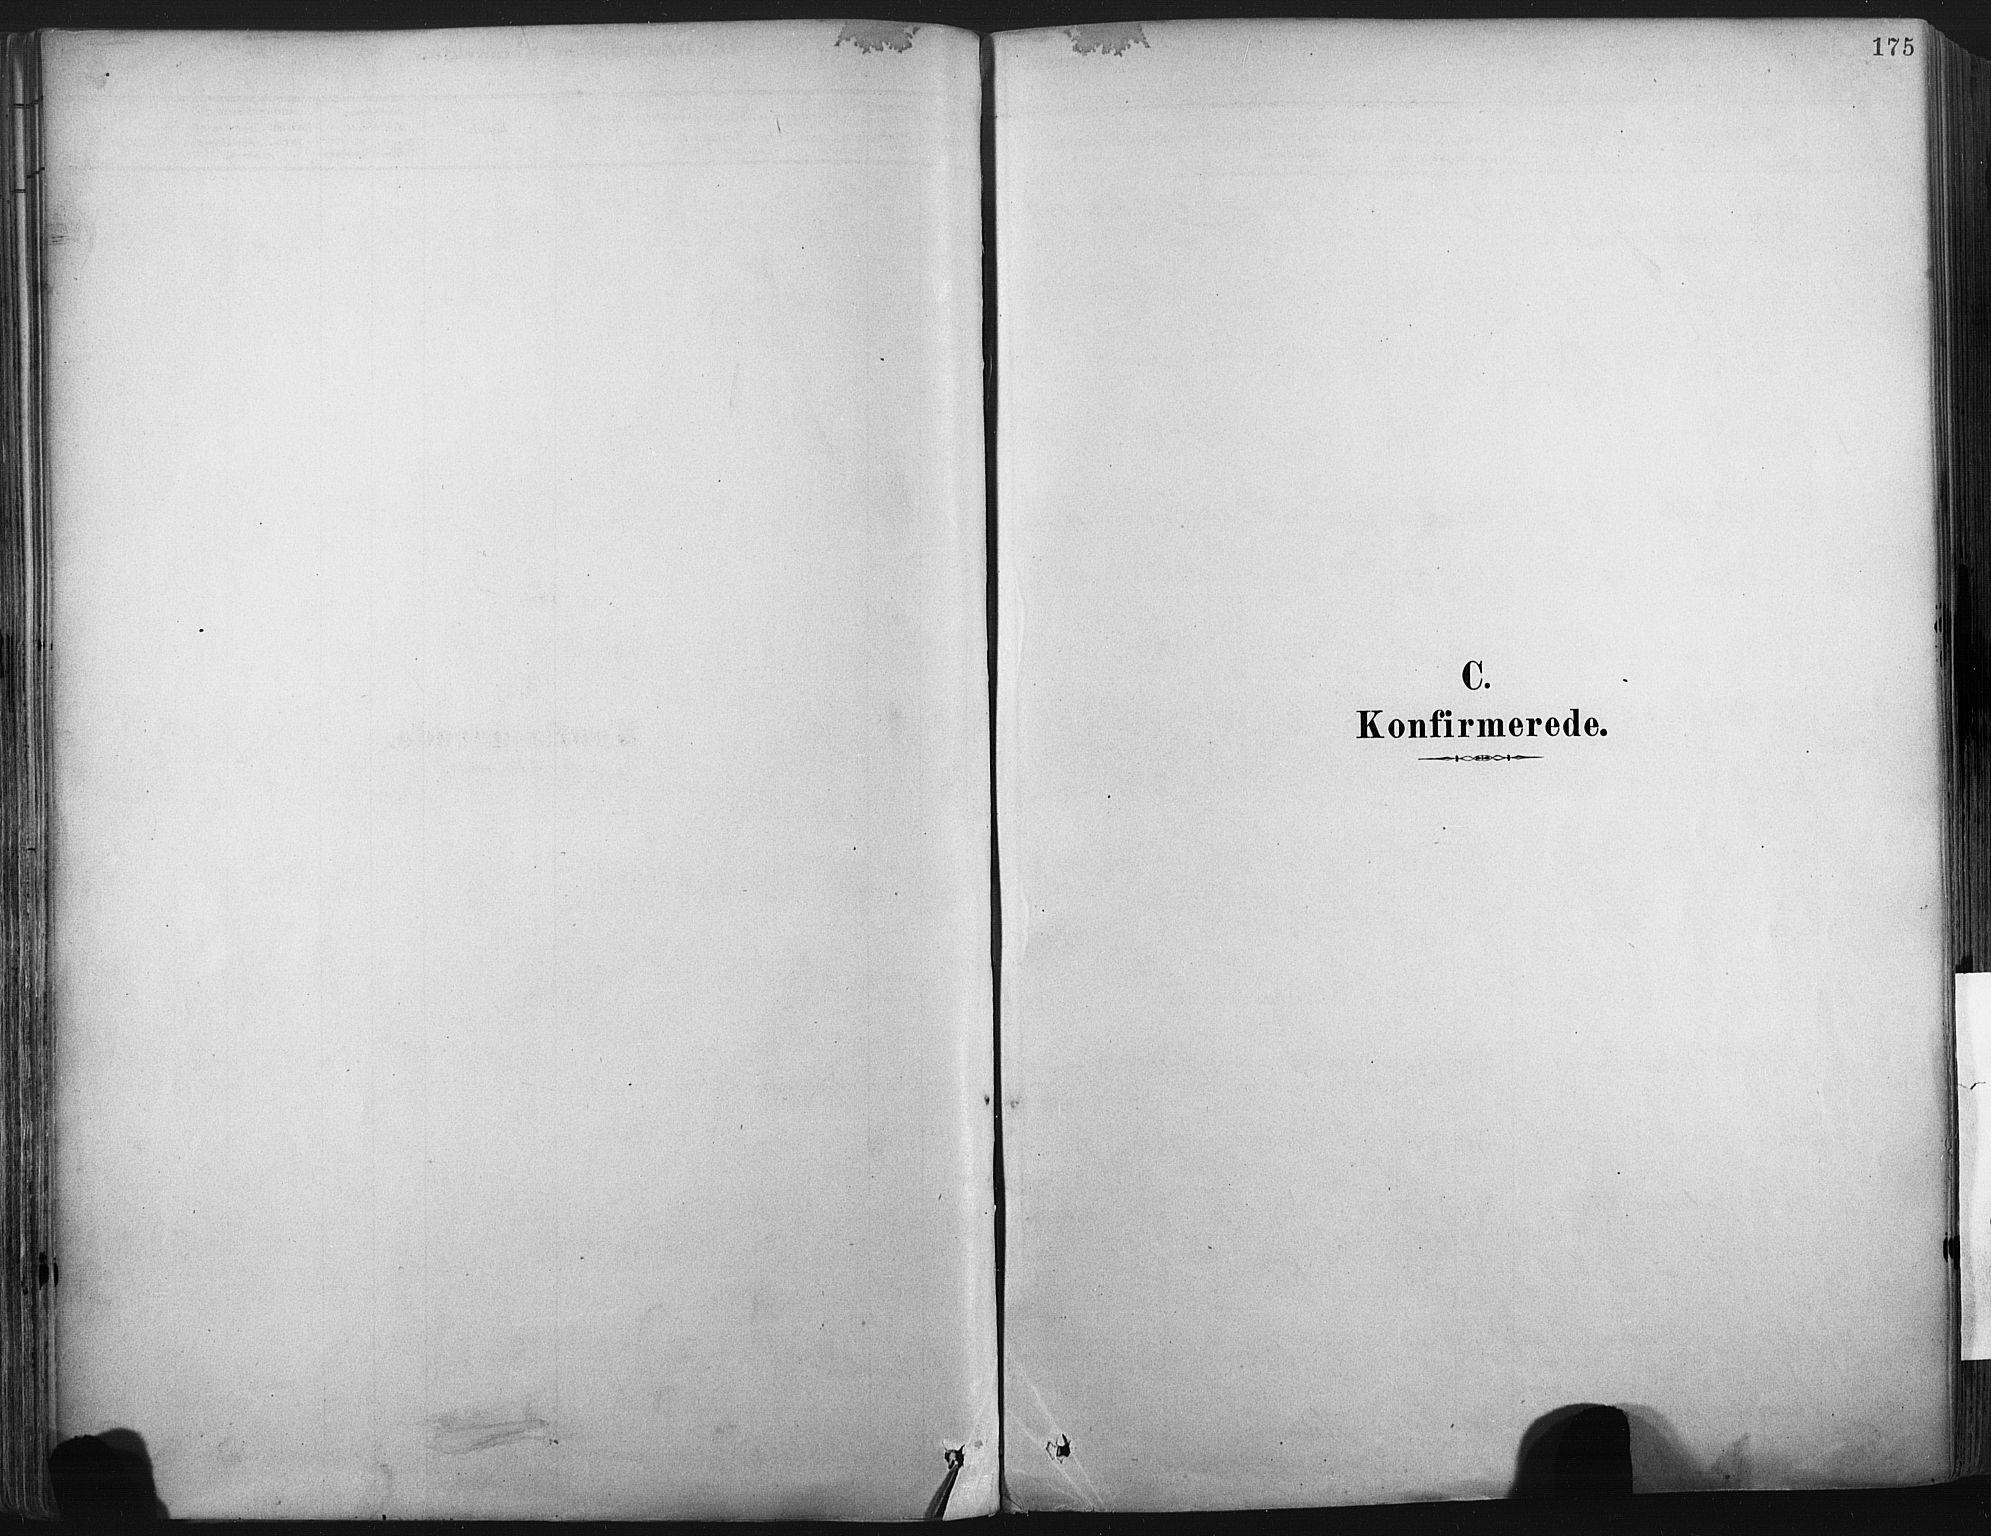 SAKO, Porsgrunn kirkebøker , F/Fa/L0008: Ministerialbok nr. 8, 1878-1895, s. 175